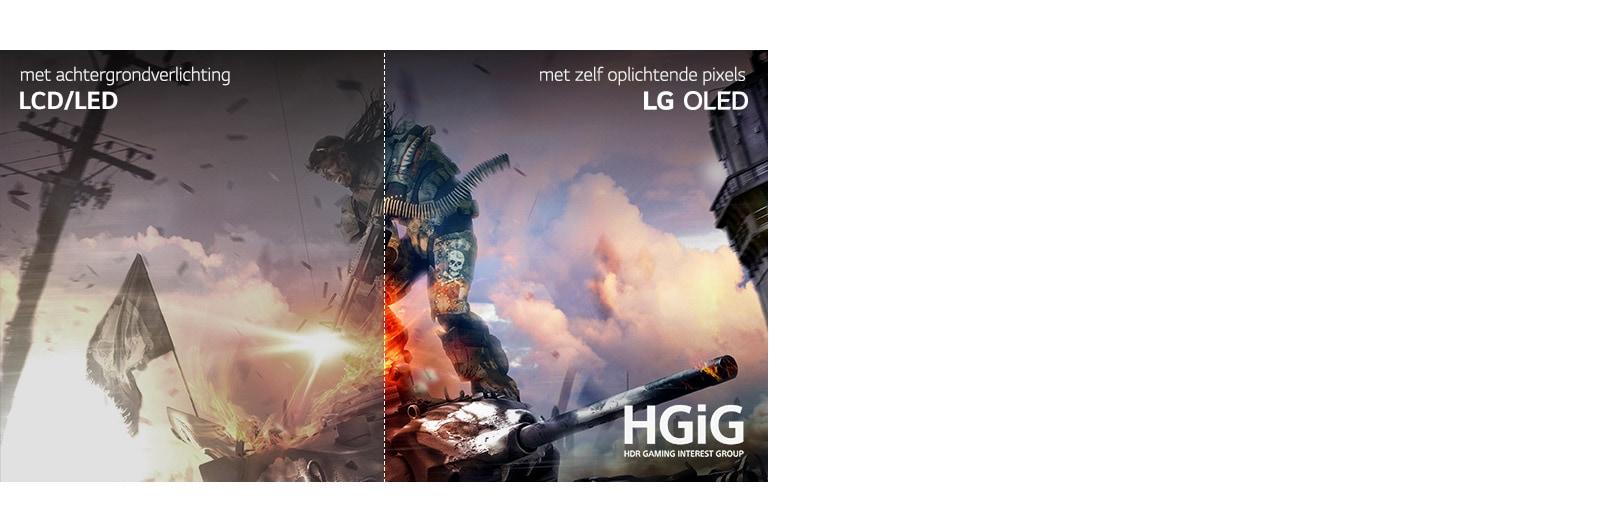 Een game-scene, de helft op een LCD / LED-tv met een slechte beeldkwaliteit en de andere helft op een LG OLED-tv met heldere, levendige beeldkwaliteit